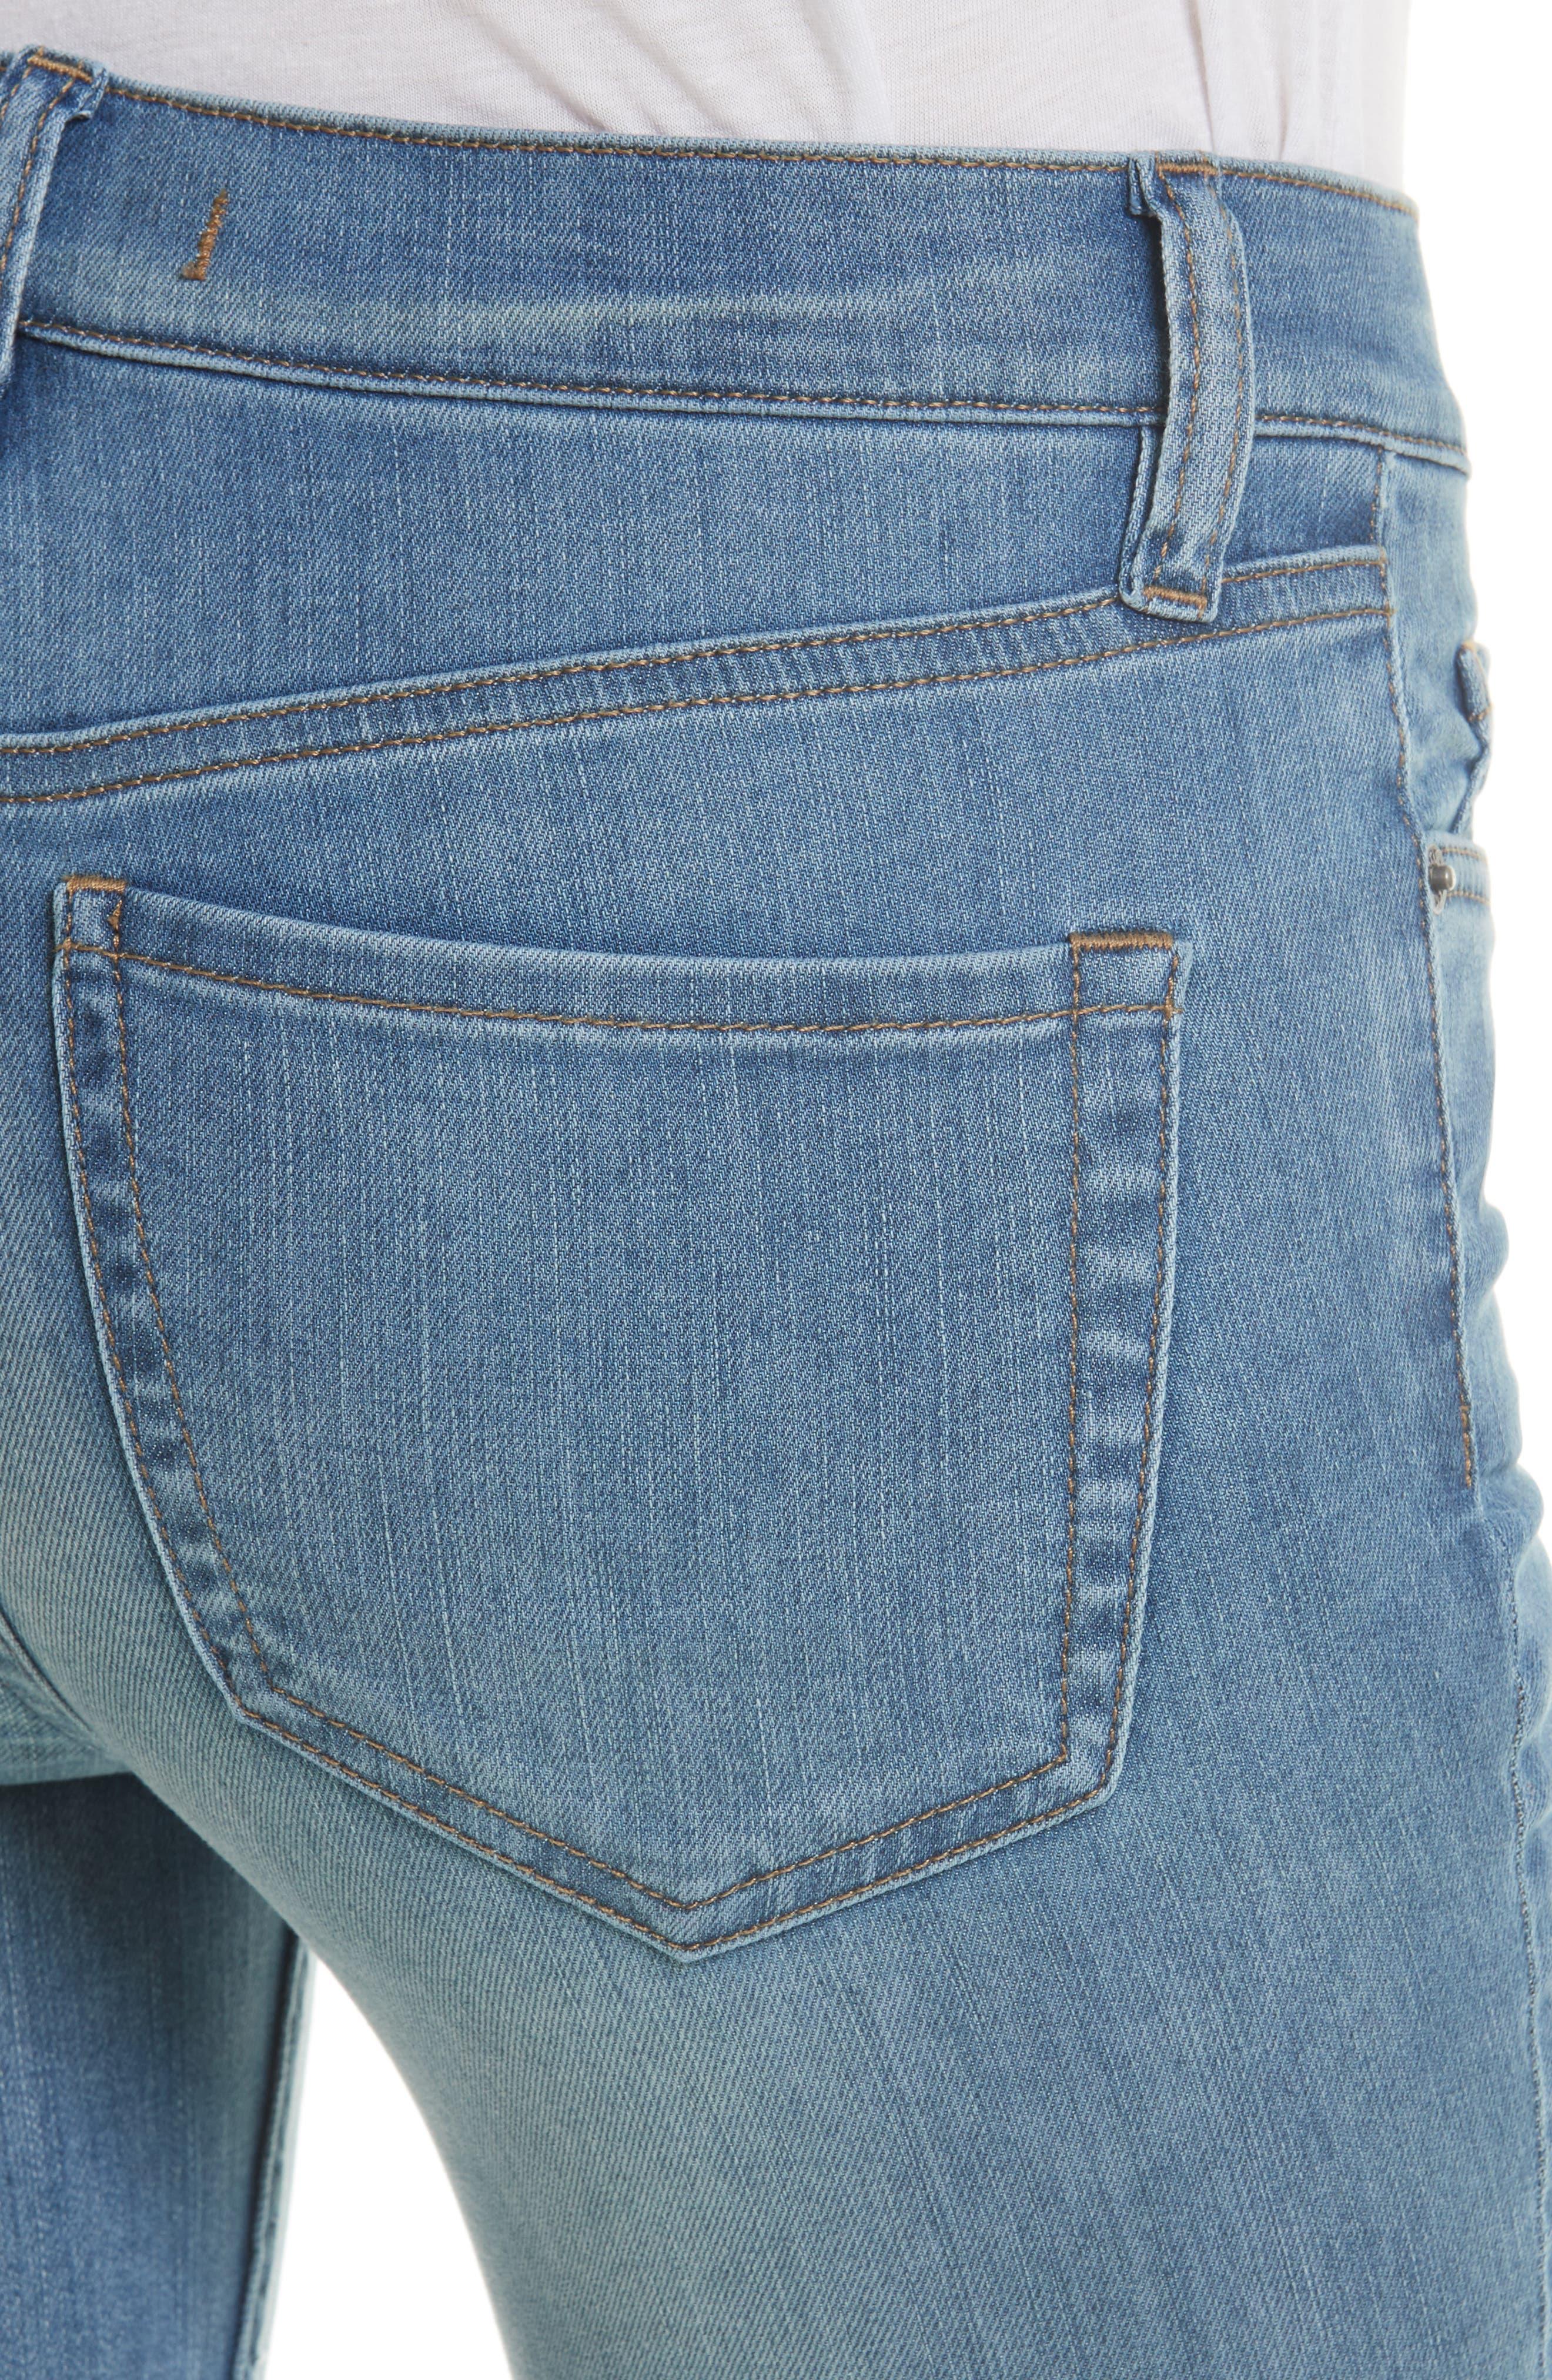 Alternate Image 4  - Free People Reagan Crop Skinny Jeans (Sky)